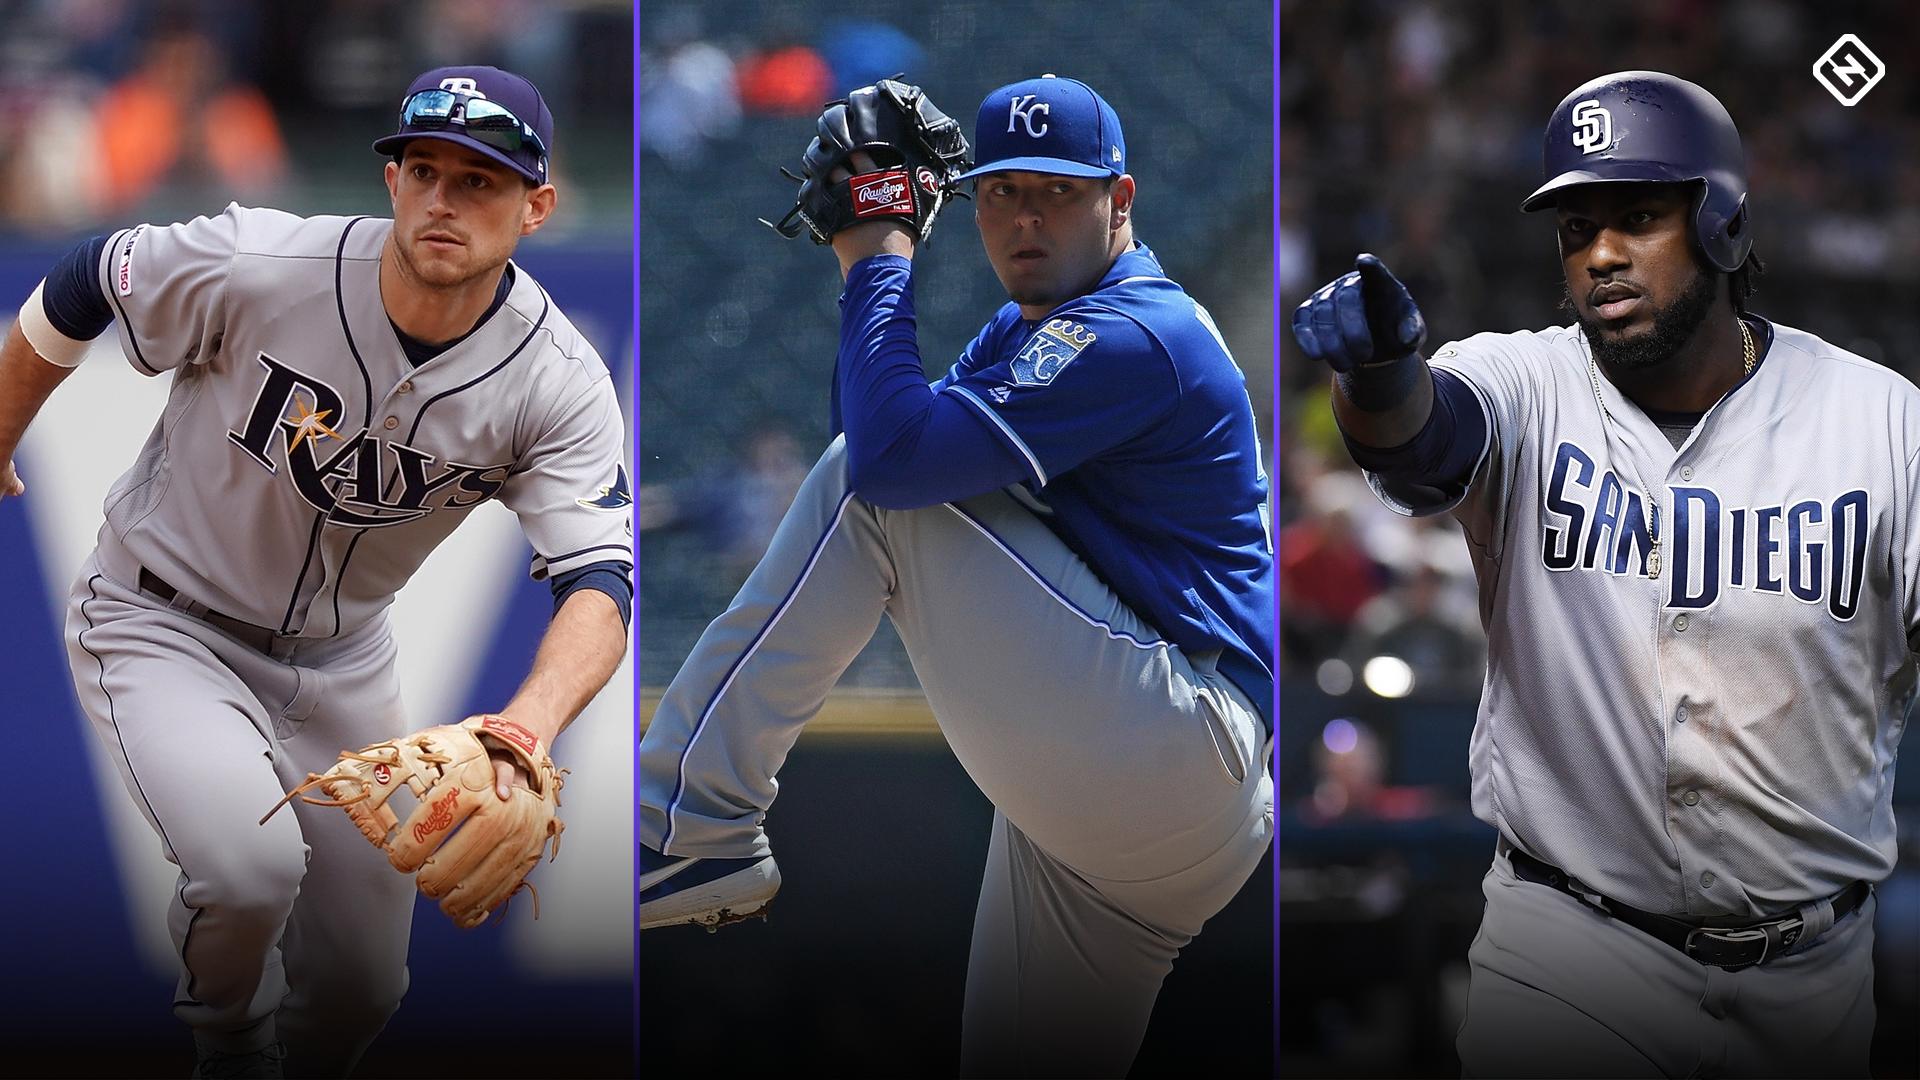 Week 4 Fantasy Baseball Waiver Pickups: Brandon Lowe, Franmil Reyes among players to monitor